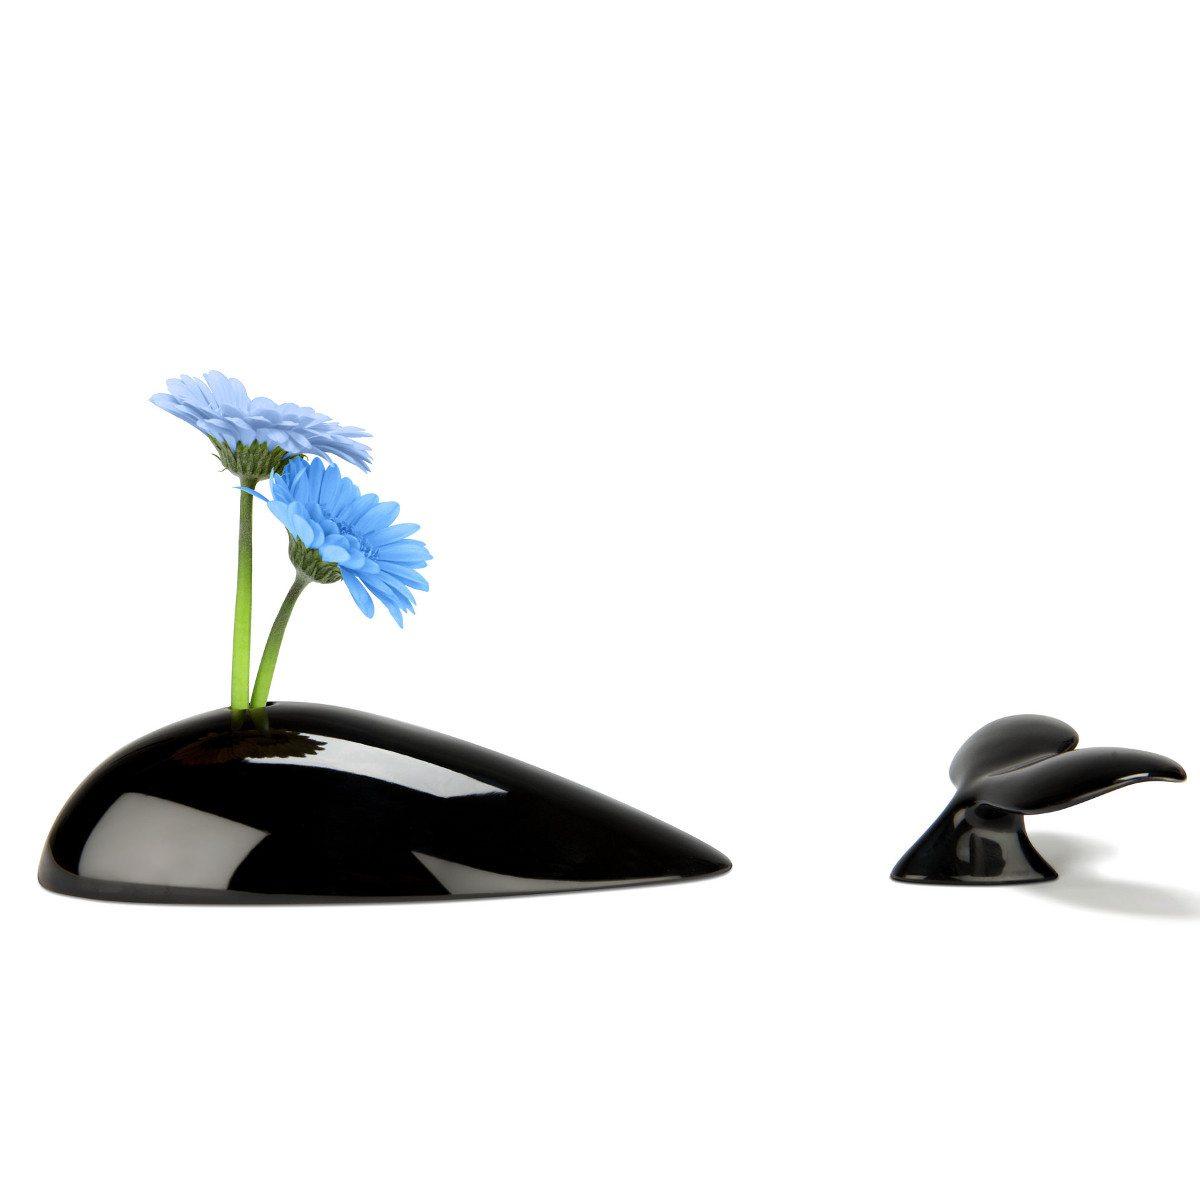 Blomstervase formet som en hval